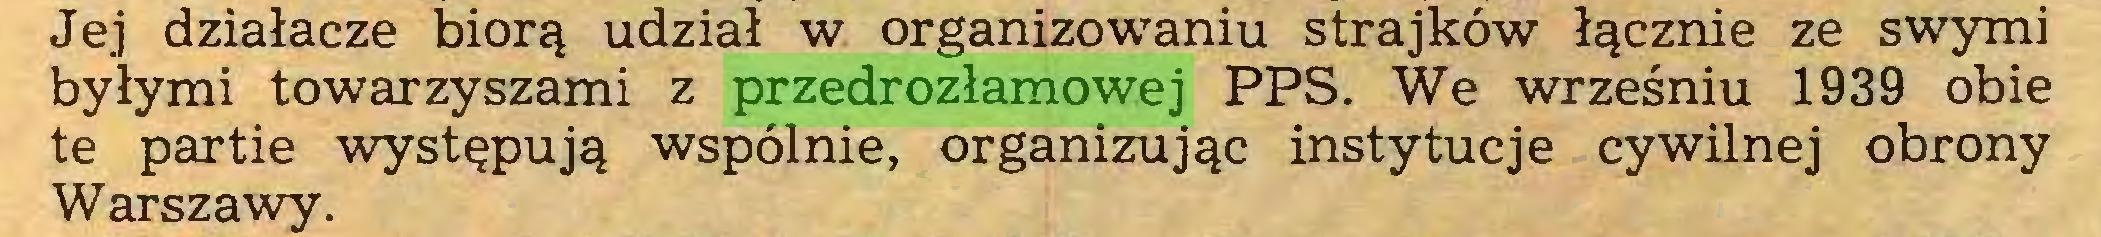 (...) Jej działacze biorą udział w organizowaniu strajków łącznie ze swymi byłymi towarzyszami z przedrozłamowej PPS. We wrześniu 1939 obie te partie występują wspólnie, organizując instytucje cywilnej obrony Warszawy...